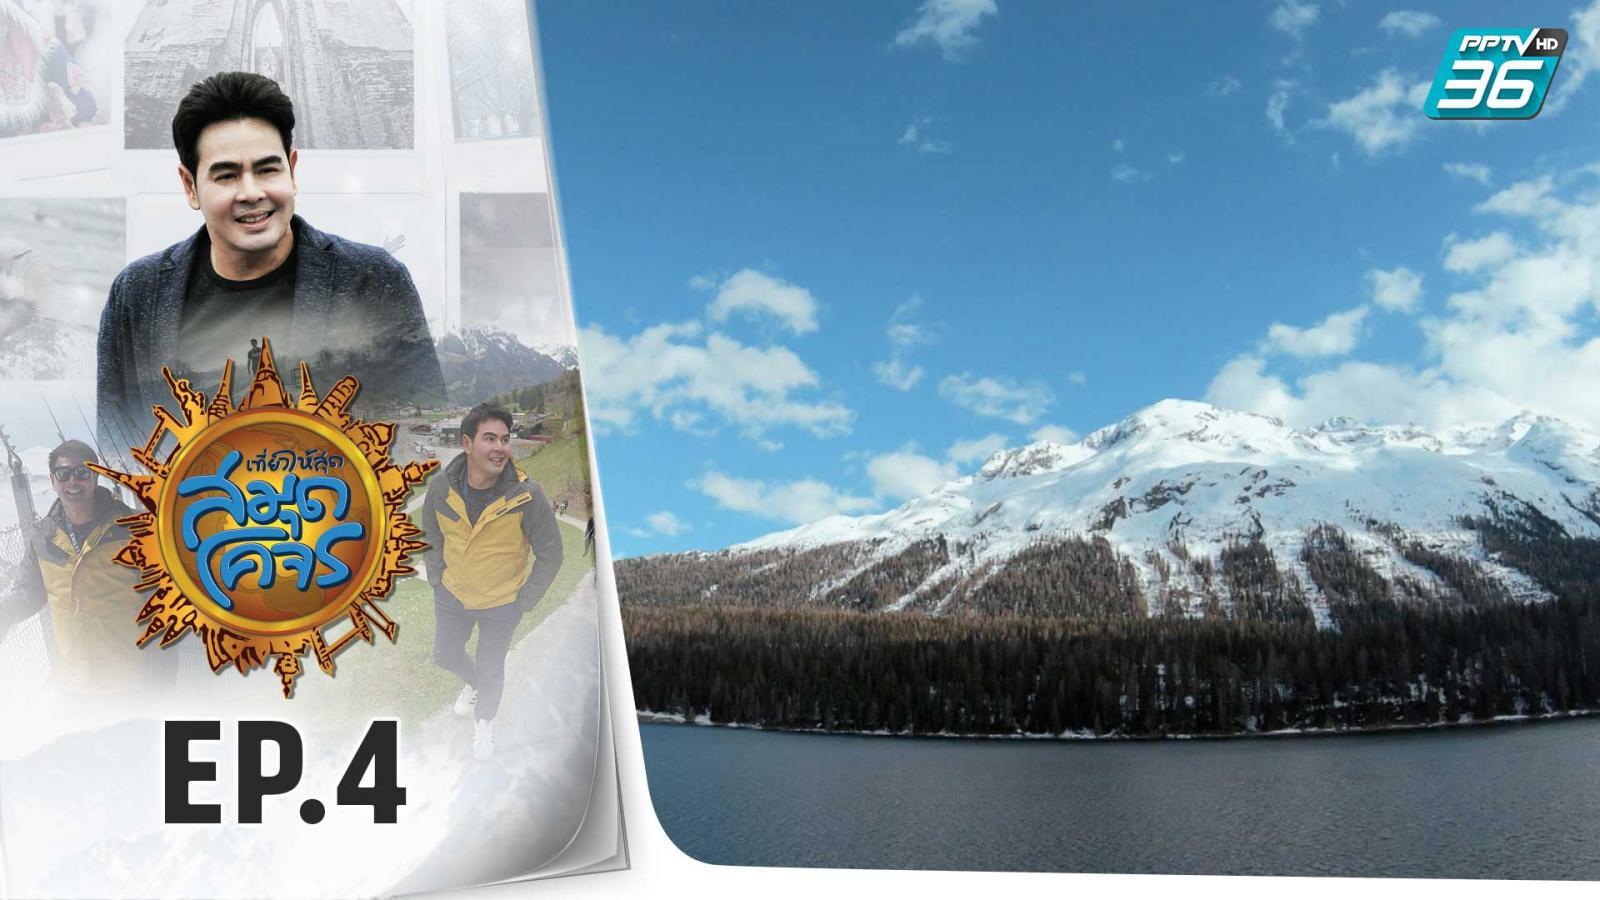 เที่ยวให้สุด สมุดโคจร | เที่ยวสวิตเซอร์แลนด์ EP.4